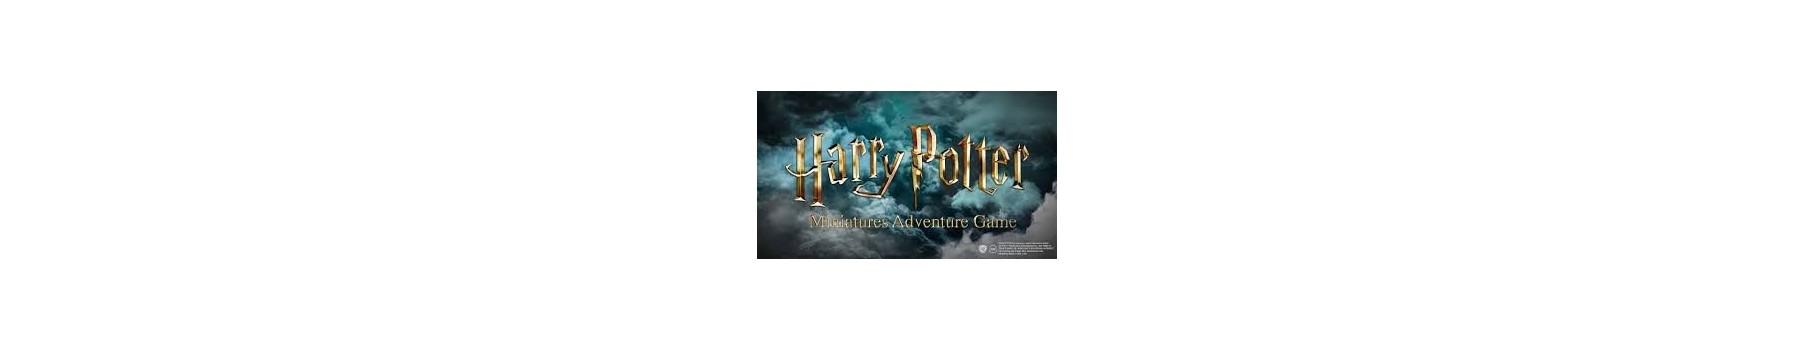 L'Univers Harry Potter The Miniatures Adventure Game de votre Ludicaire Au Chapeau enchanté